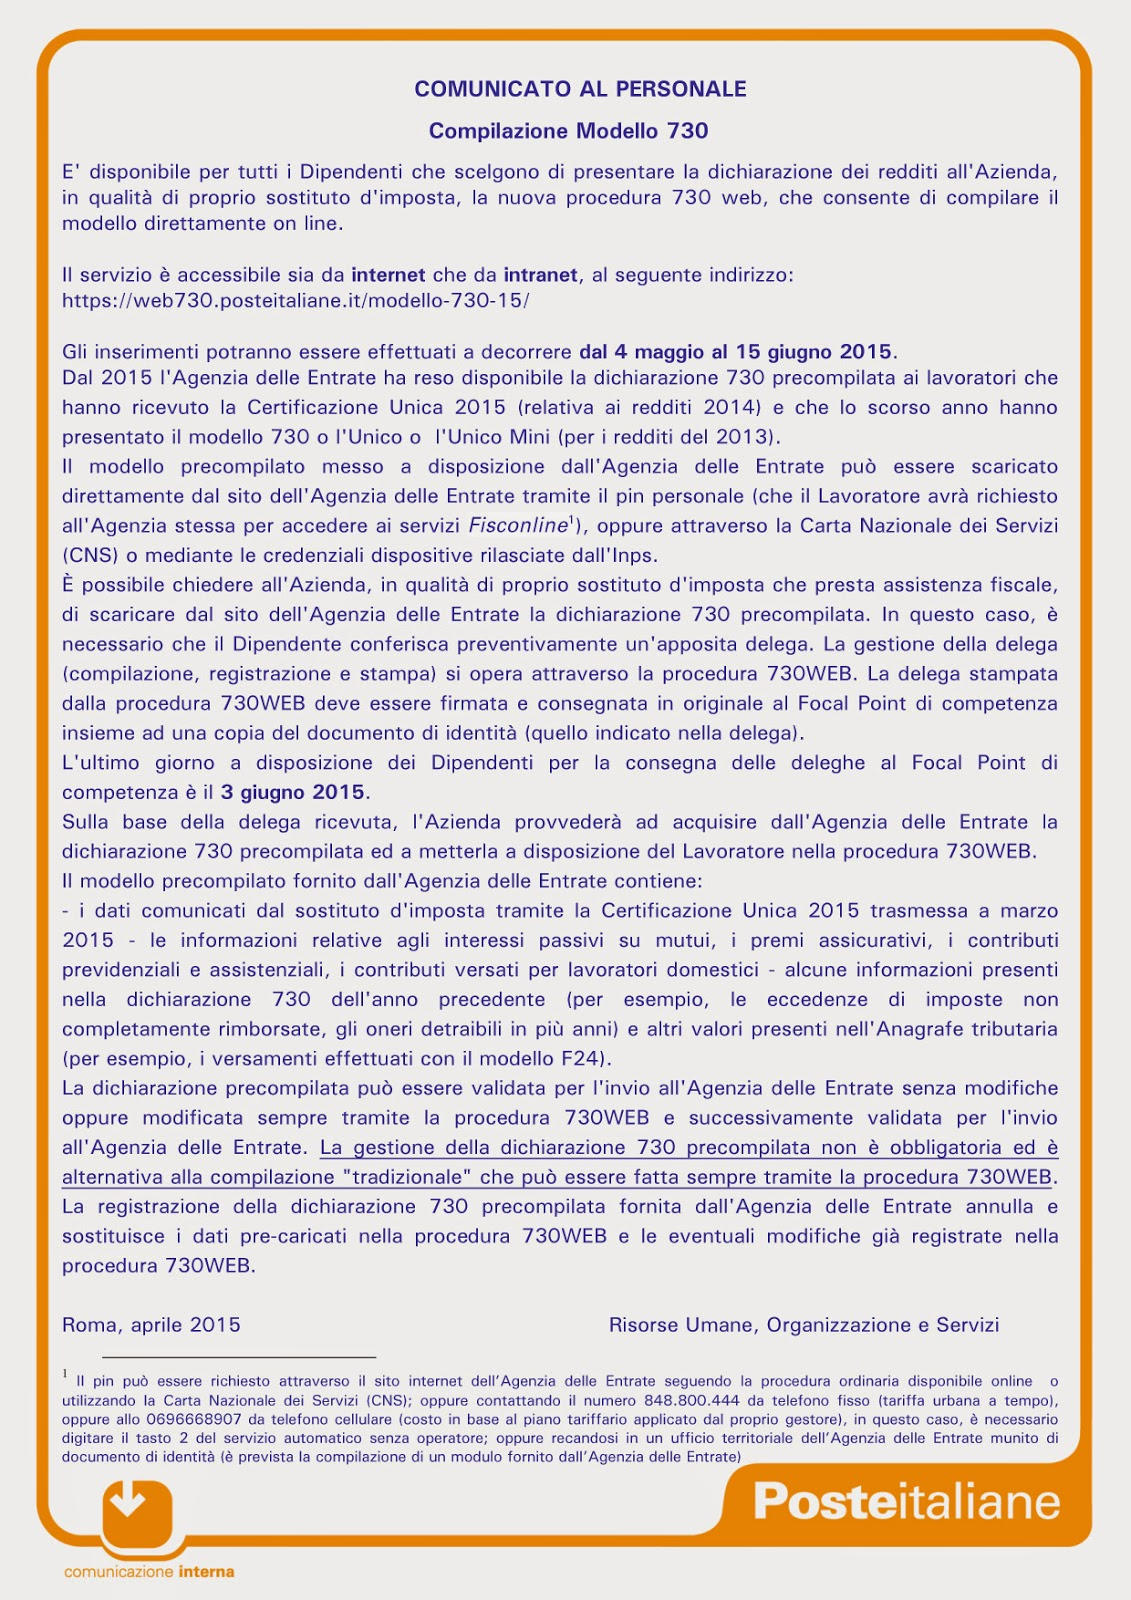 Recapito Di Roma Comunicato Al Personale Procedura 730 Web Per Chi